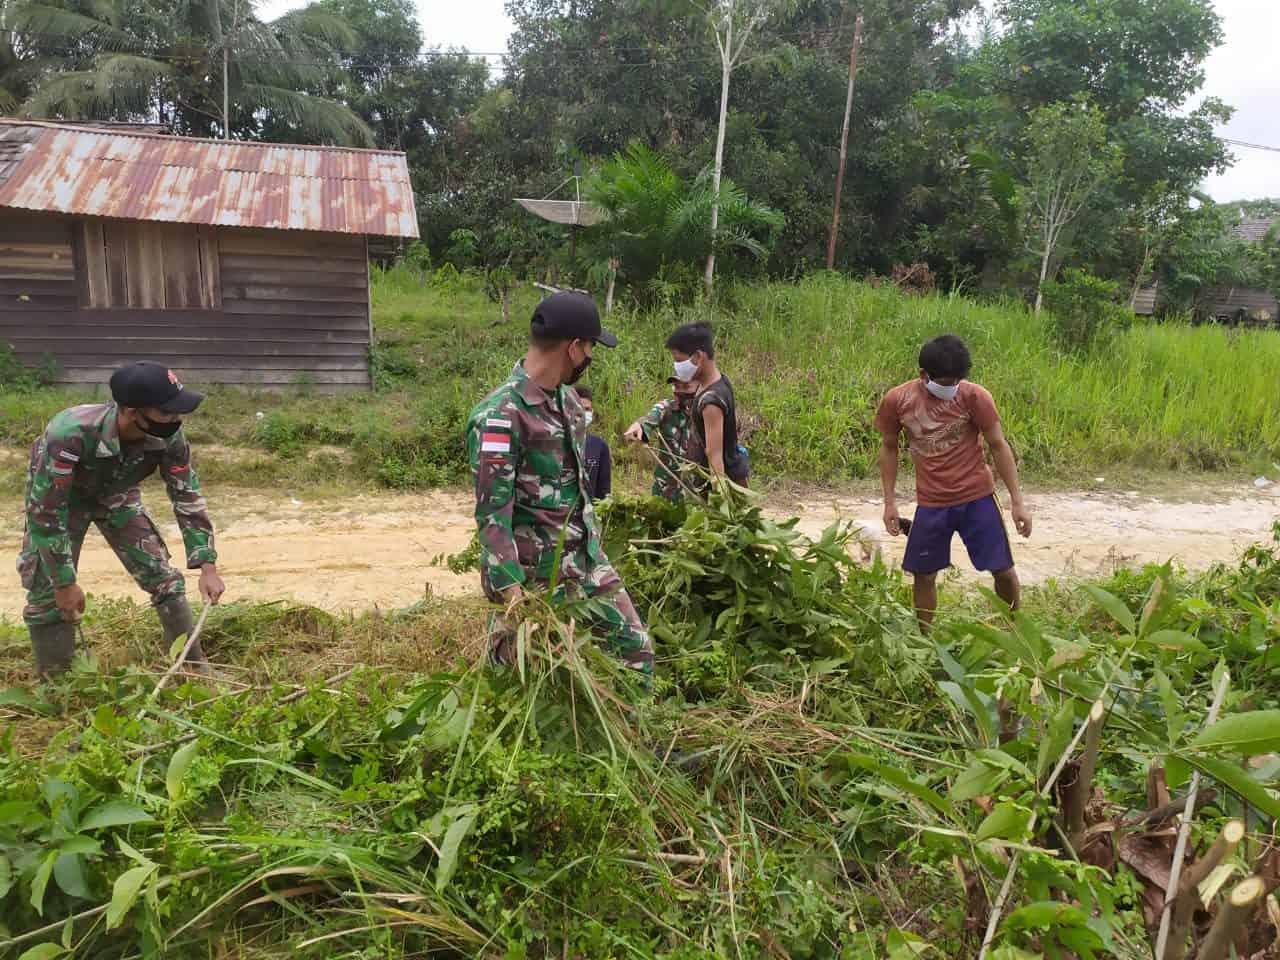 Pelihara Nilai Gotong Royong, Satgas Yonif 144/JY Bersama Warga Bersihkan Jalan Desa